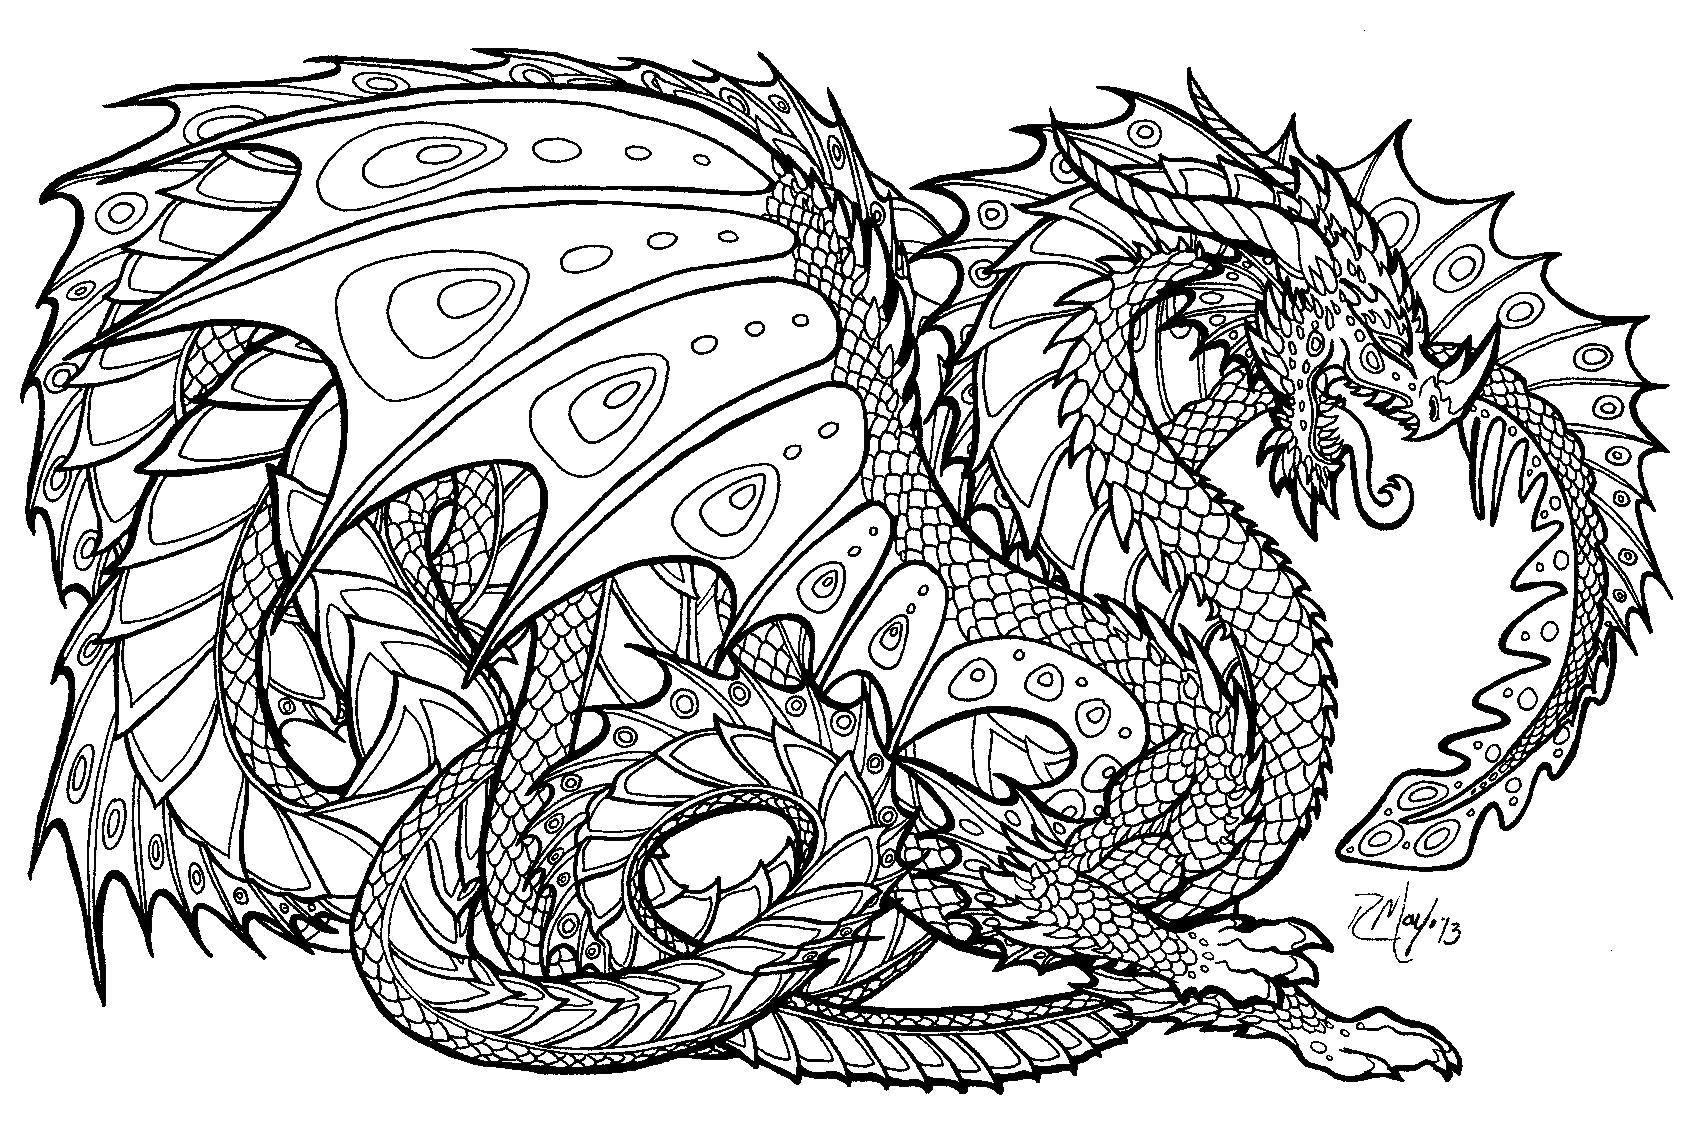 Coloriage Dragon 148404 Personnages Album De Coloriages